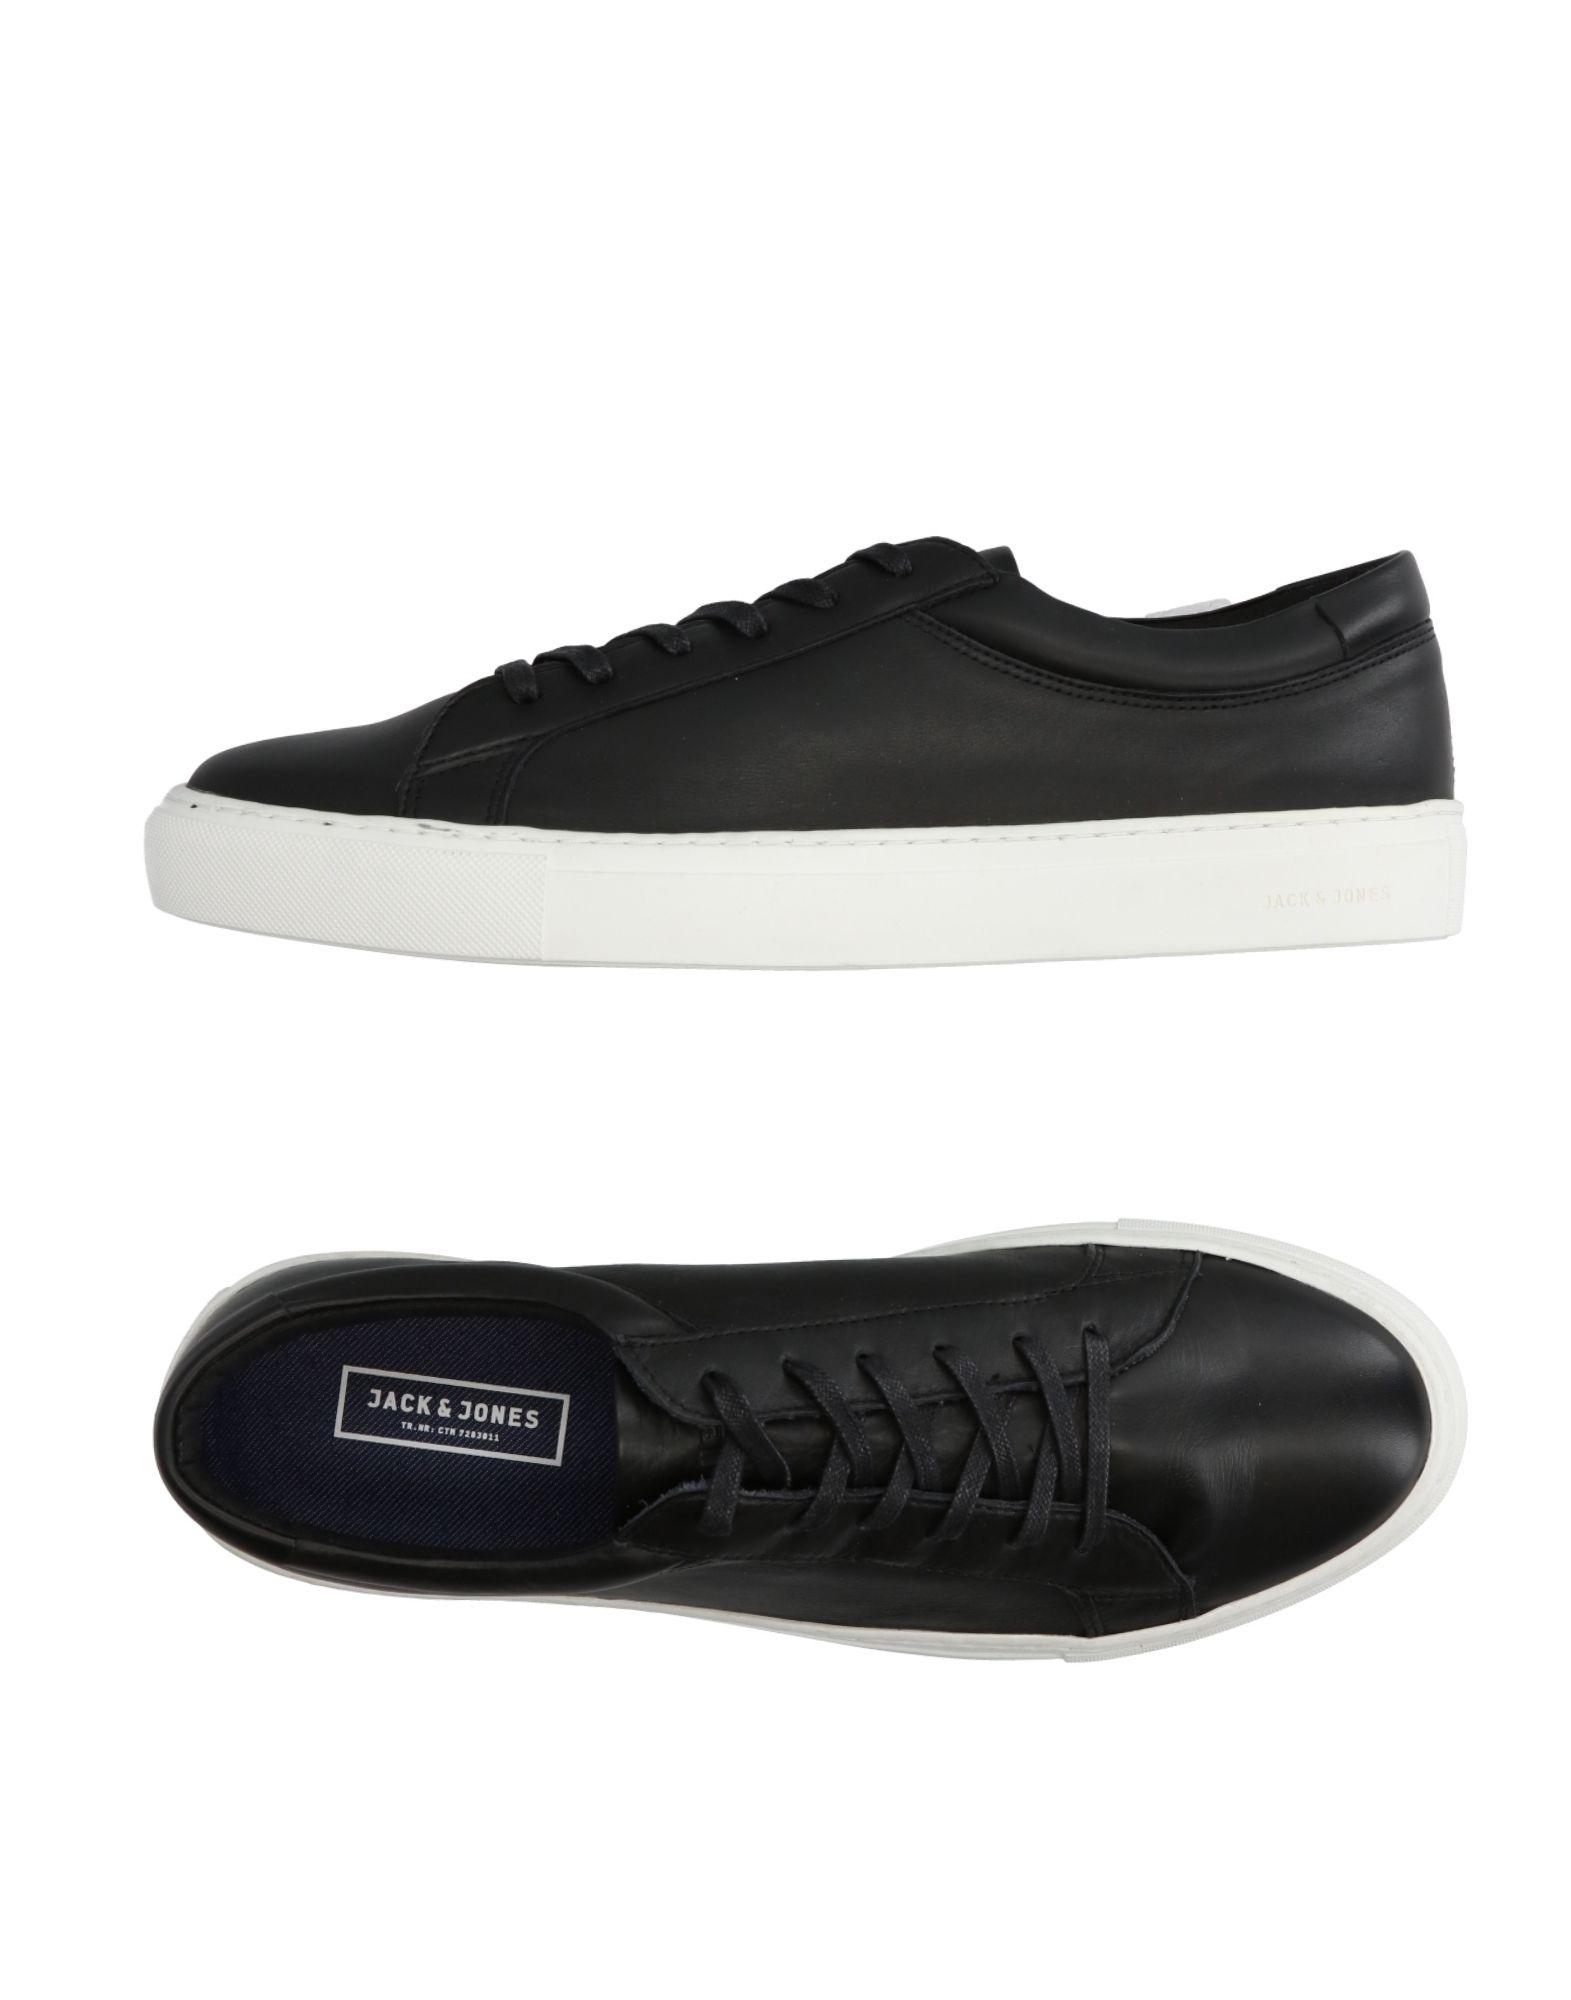 Rabatt echte Schuhe Jack Jones & Jones Jack Sneakers Herren  11287869AG 14a017